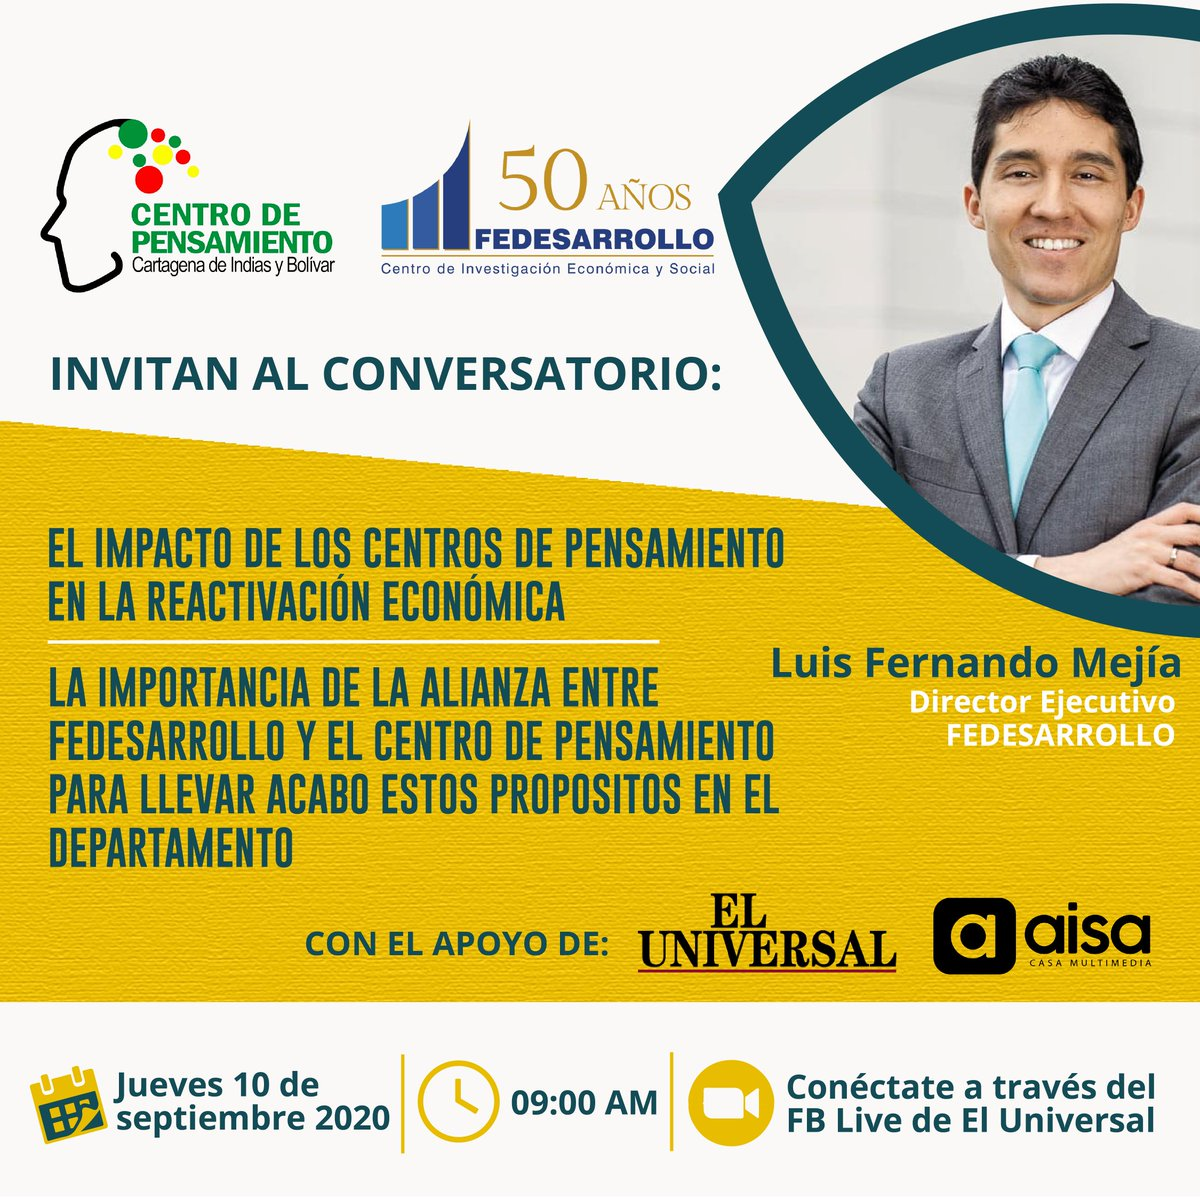 Este jueves 10 de sep. a las 9 AM, tendremos el conversatorio EL IMPACTO DE LOS CENTROS DE PENSAMIENTO EN LA REACTIVACIÓN ECONÓMICA en el que contaremos con @LuisFerMejia director ejecutivo de @Fedesarrollo.  Transmisión a través del FB Live de nuestro aliado @ElUniversalCtg. https://t.co/BZbOKlFla4